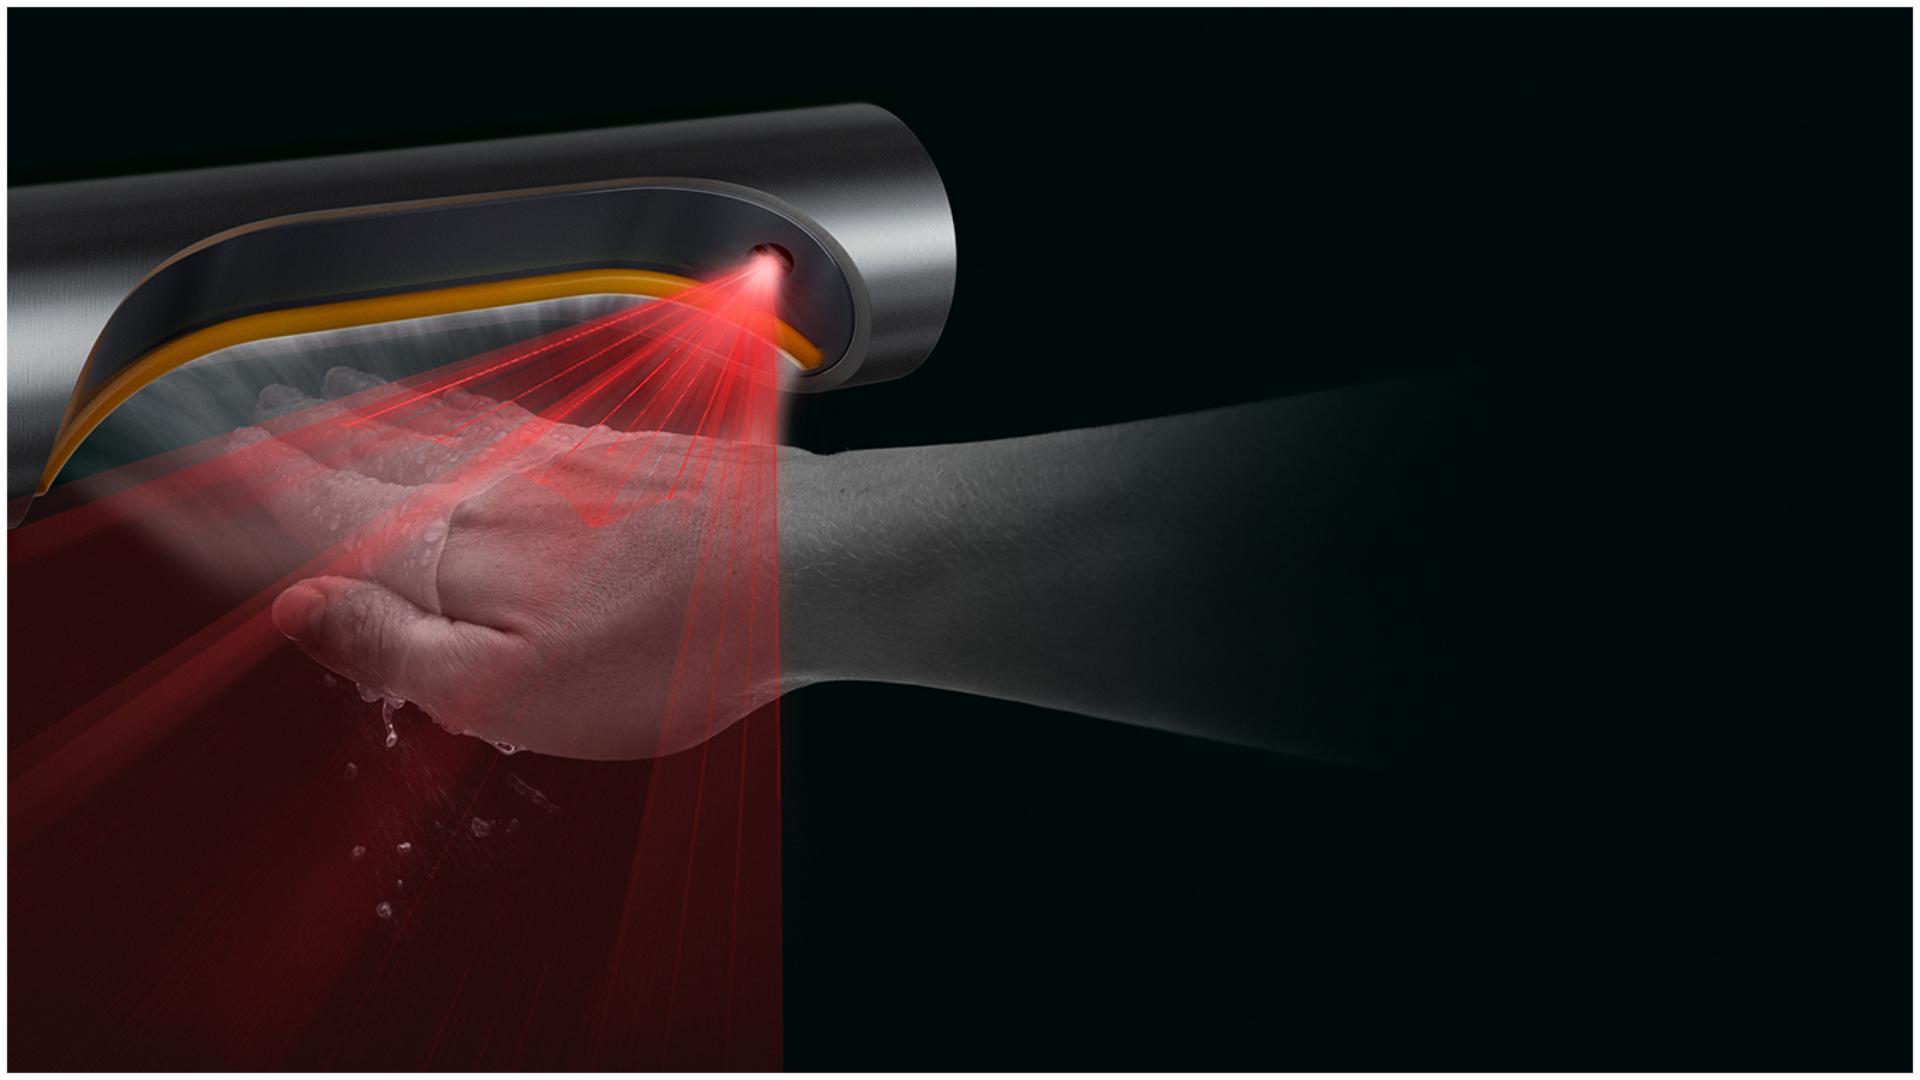 Tehnologia senzorilor de la uscător de mâini Airblade 9kJ